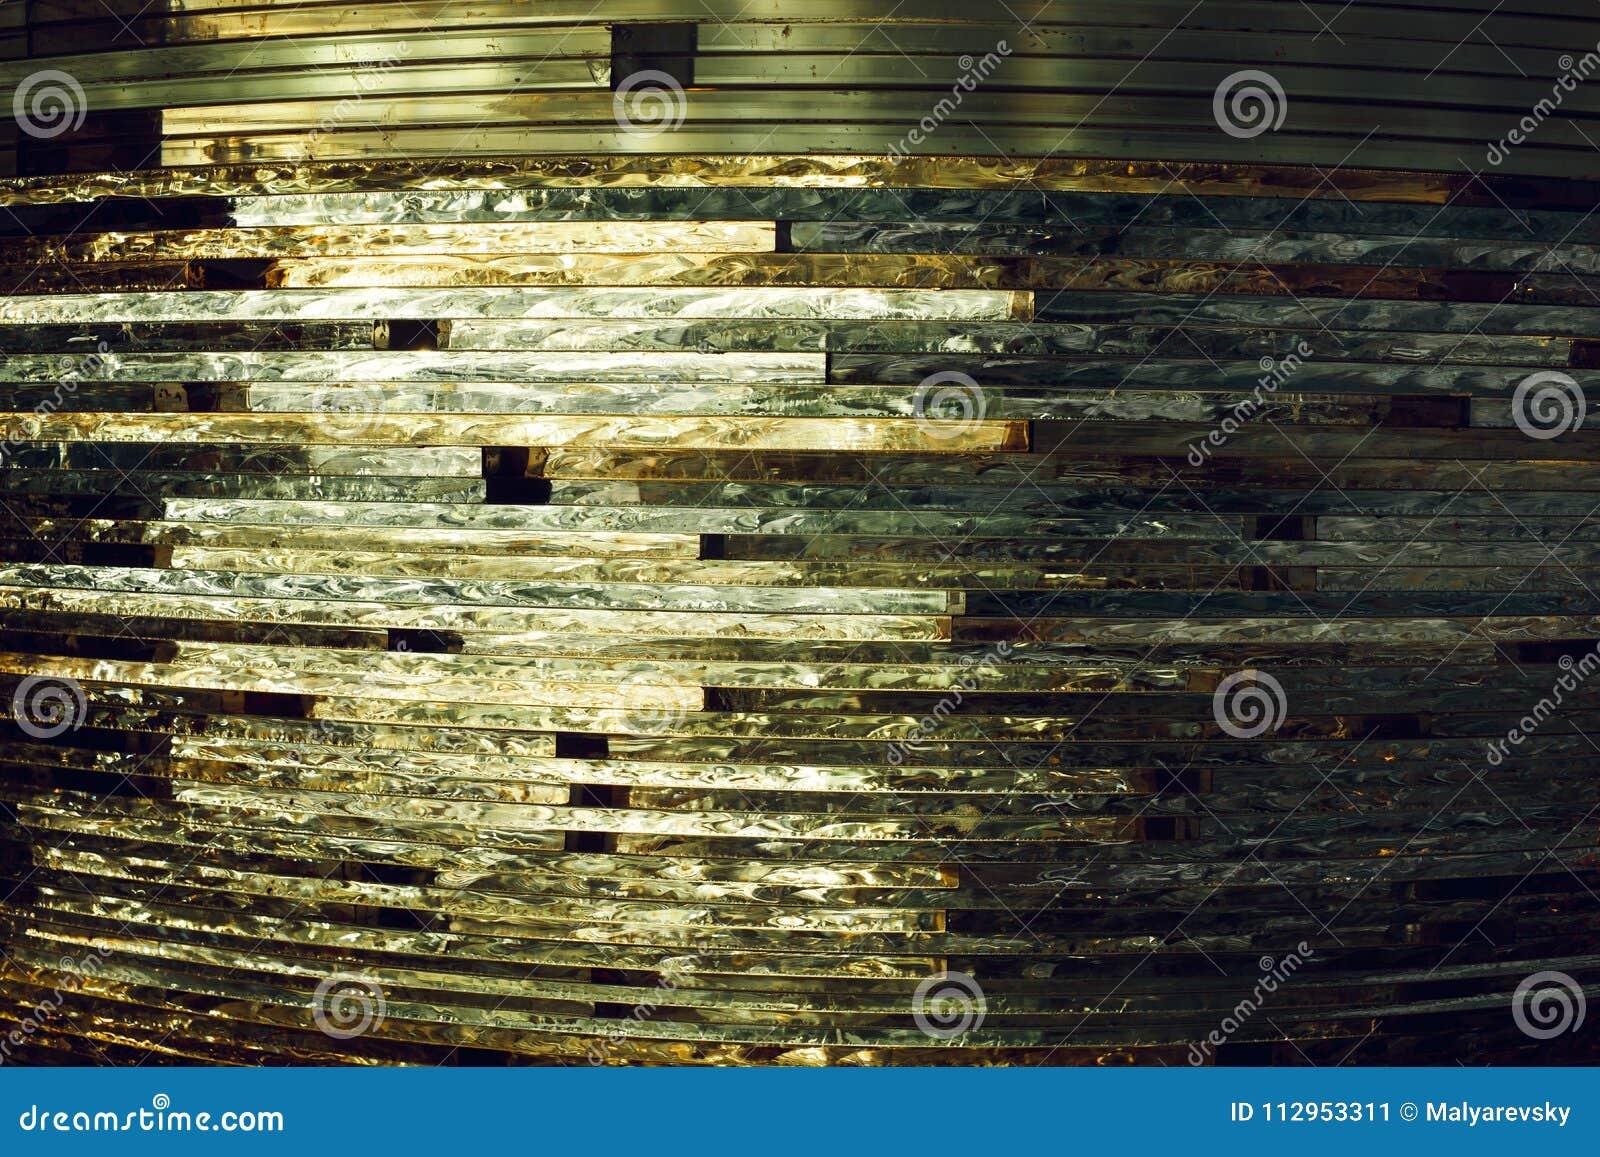 Vidro da textura mosaic A composição do vidro